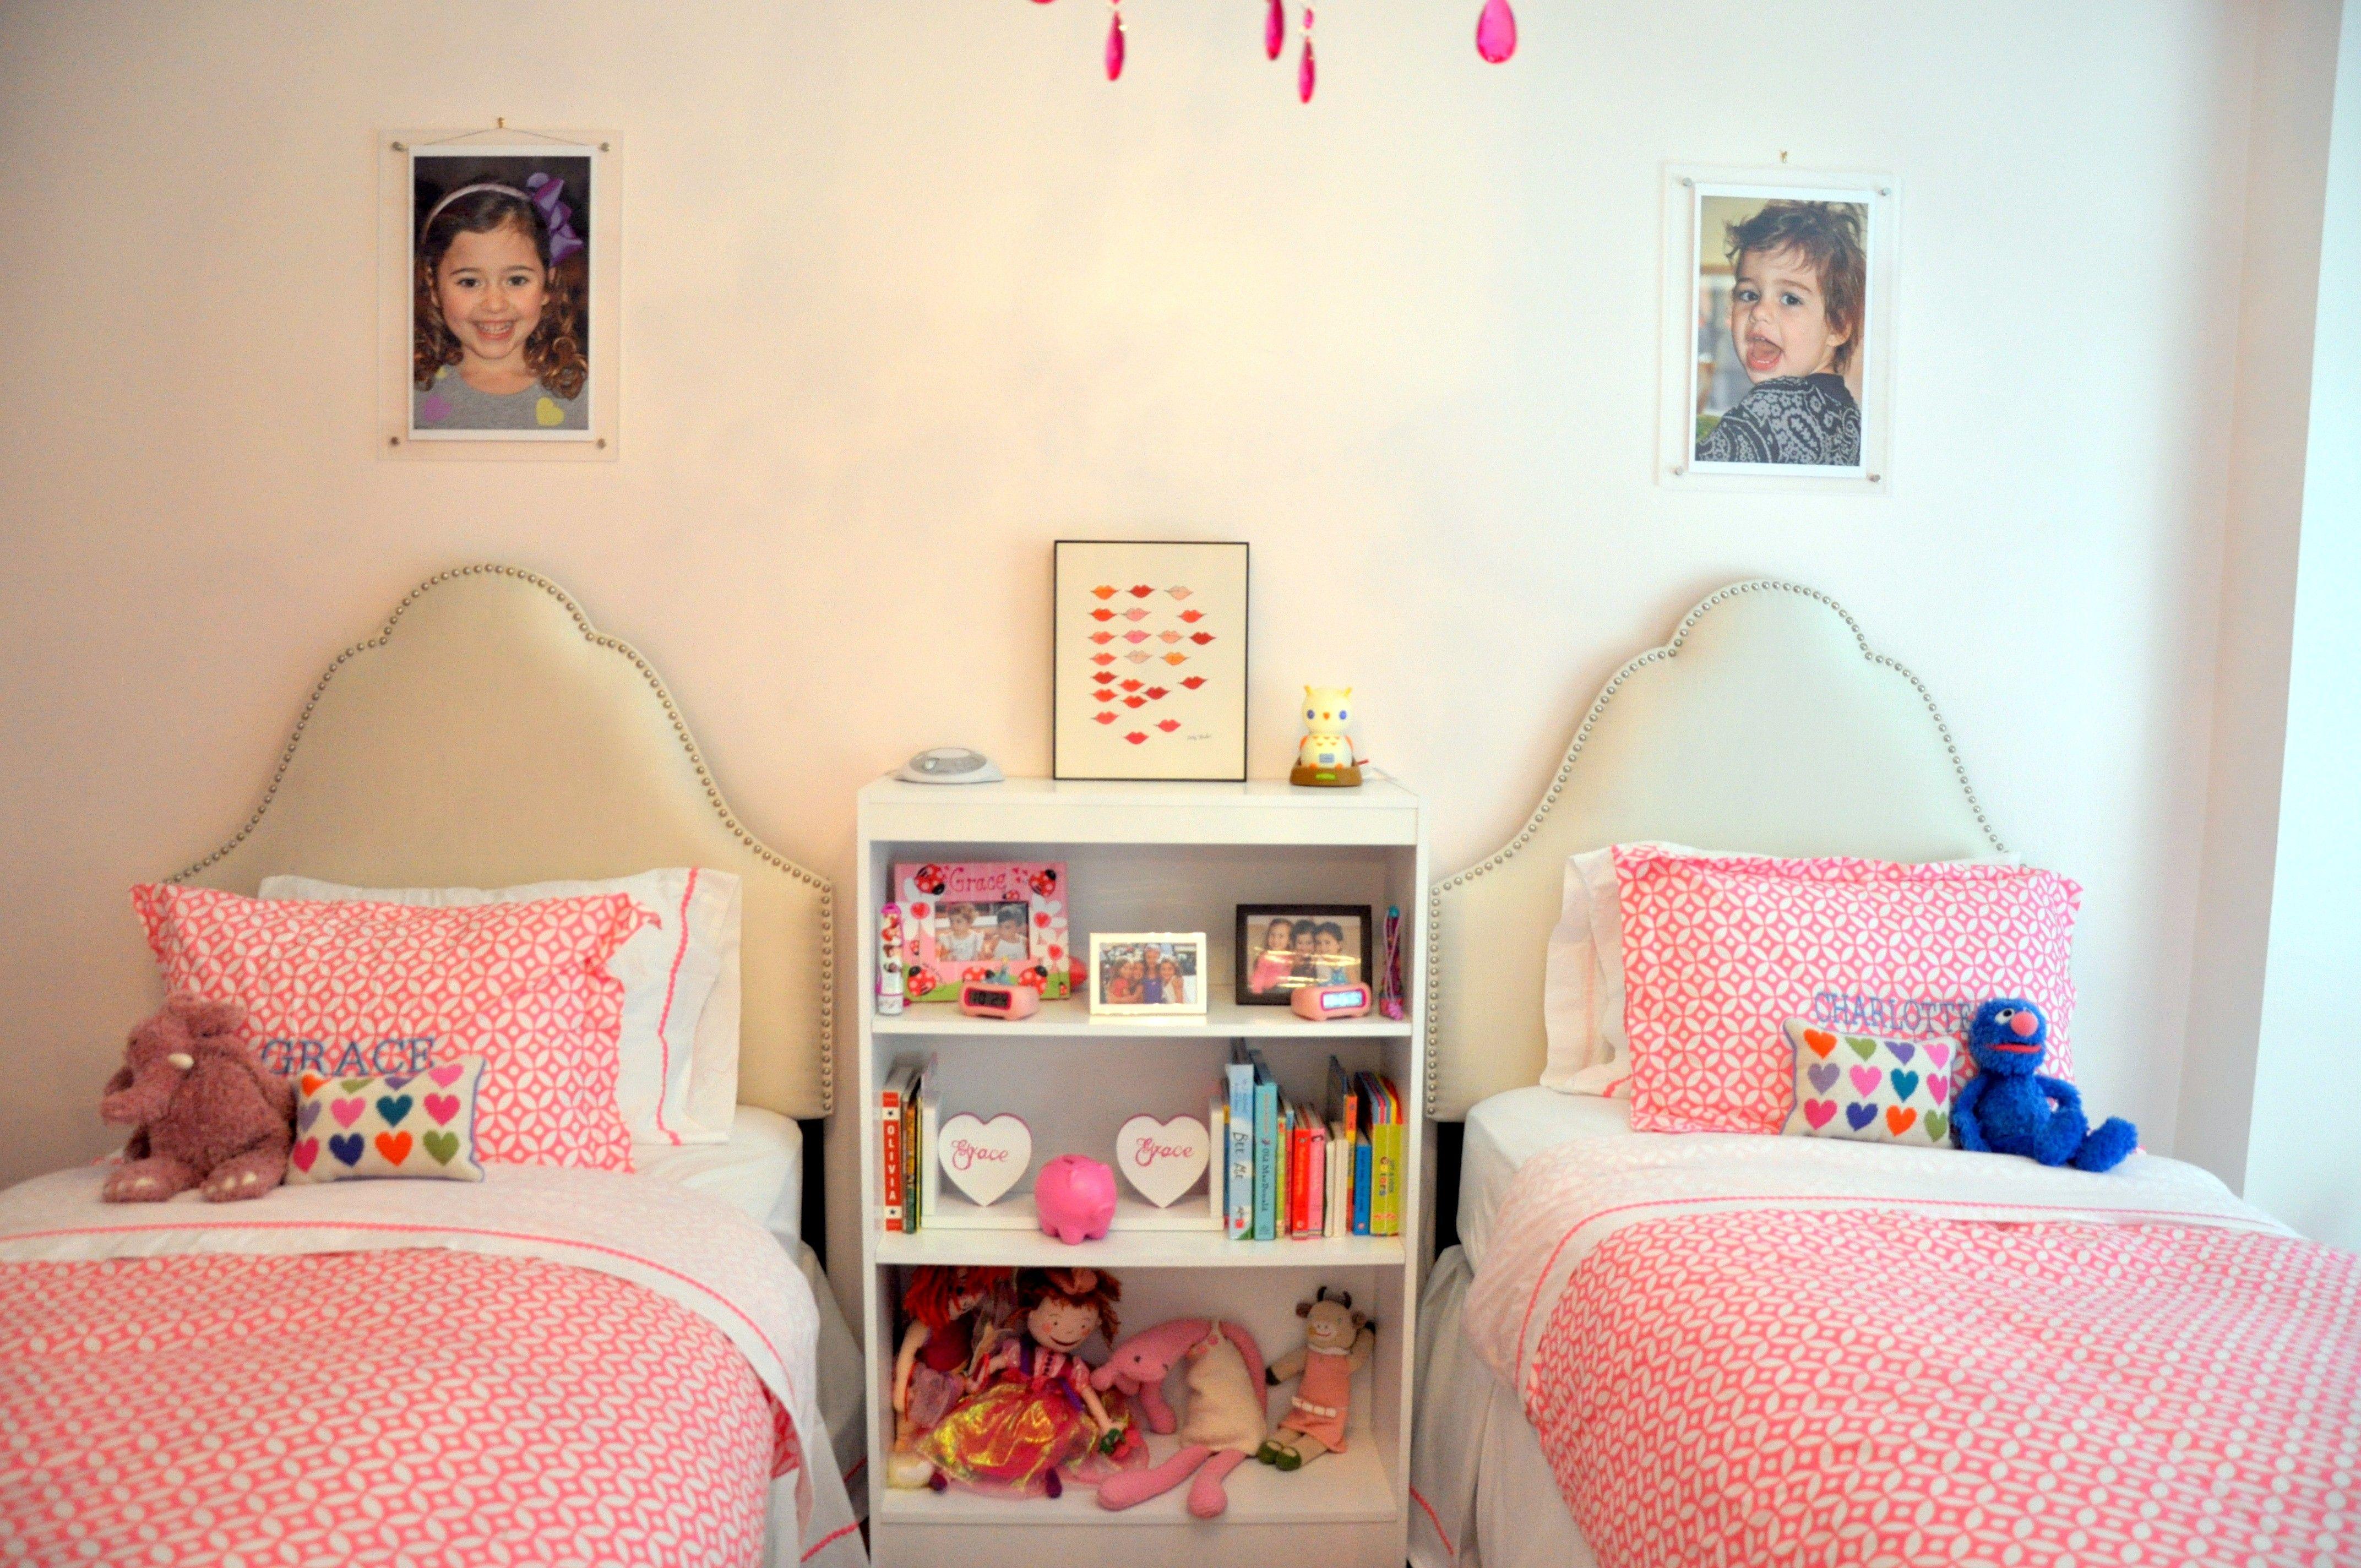 Twin Bett Schlafzimmer Deko Ideen Dressing Tabelle, Die Einst Als Ein  Luxus Artikel